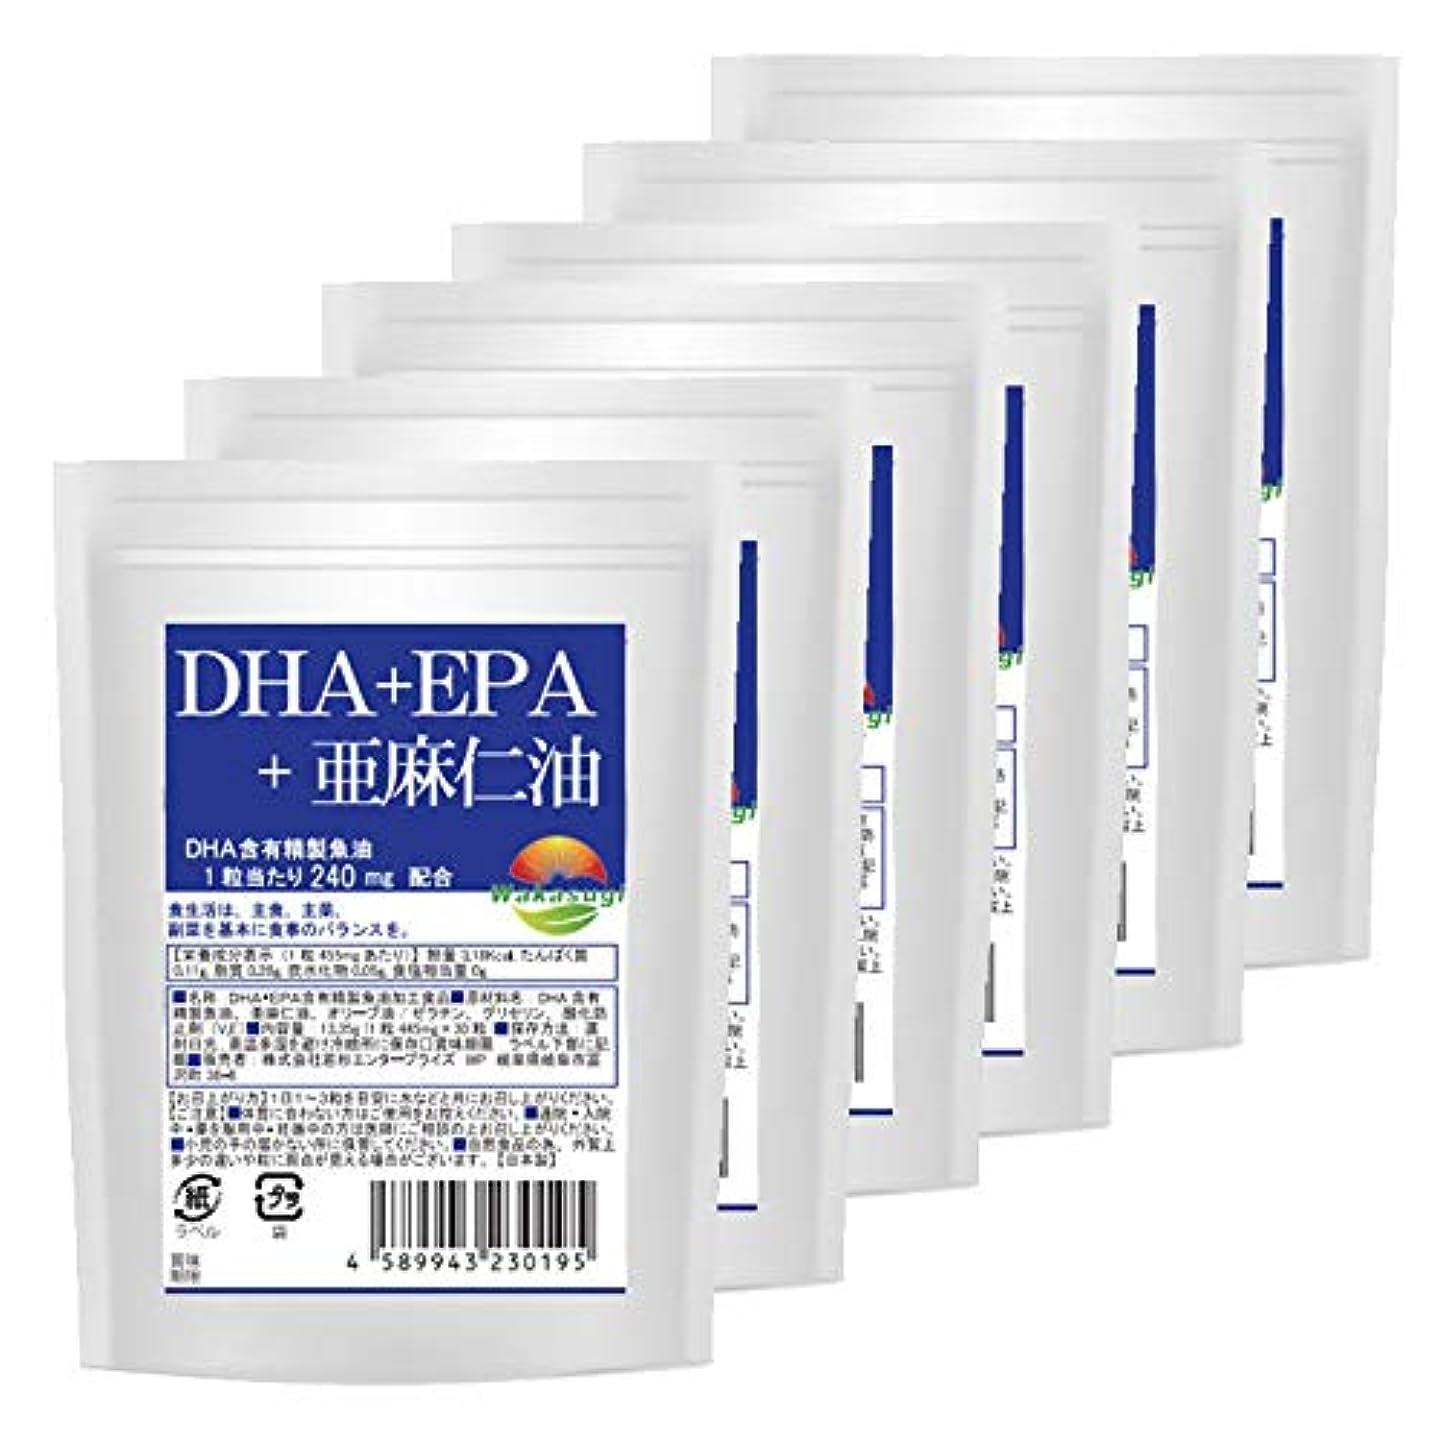 選出する合理的時期尚早DHA+EPA+亜麻仁油 ソフトカプセル 30粒 6袋 セット 計180粒 最大6か月分